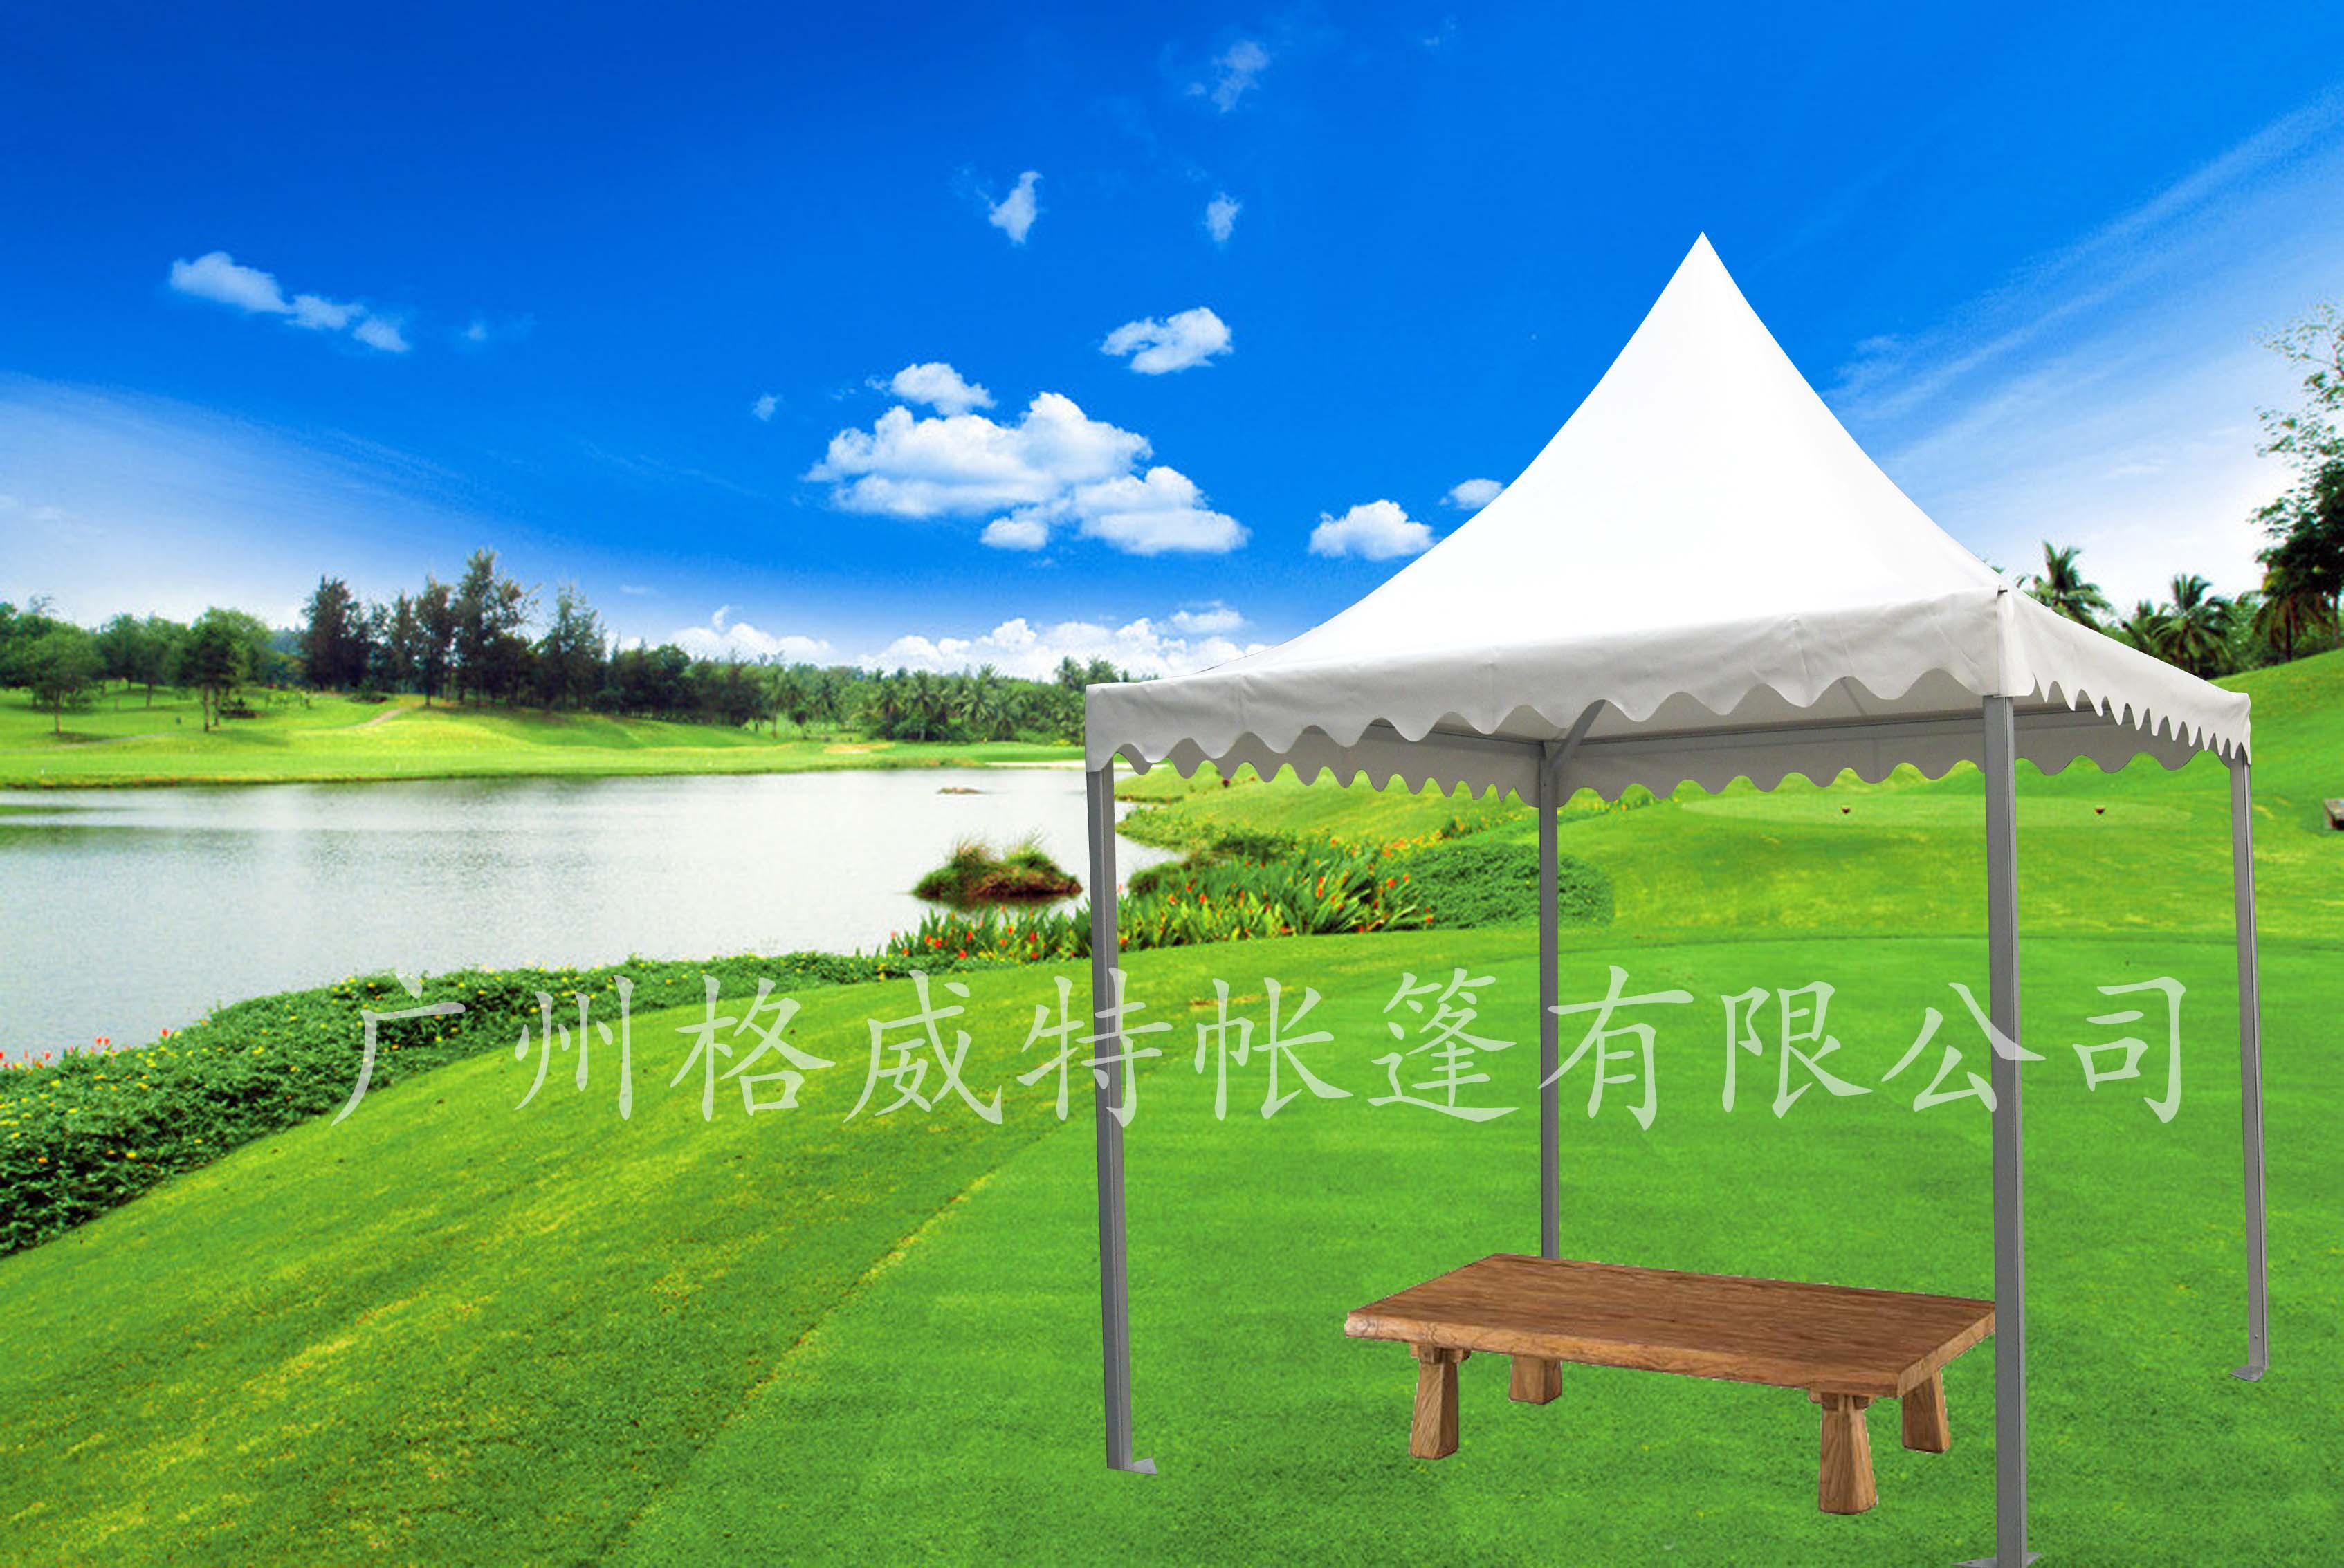 尖顶篷制作-物超所值广东尖顶帐篷在哪里可以买到